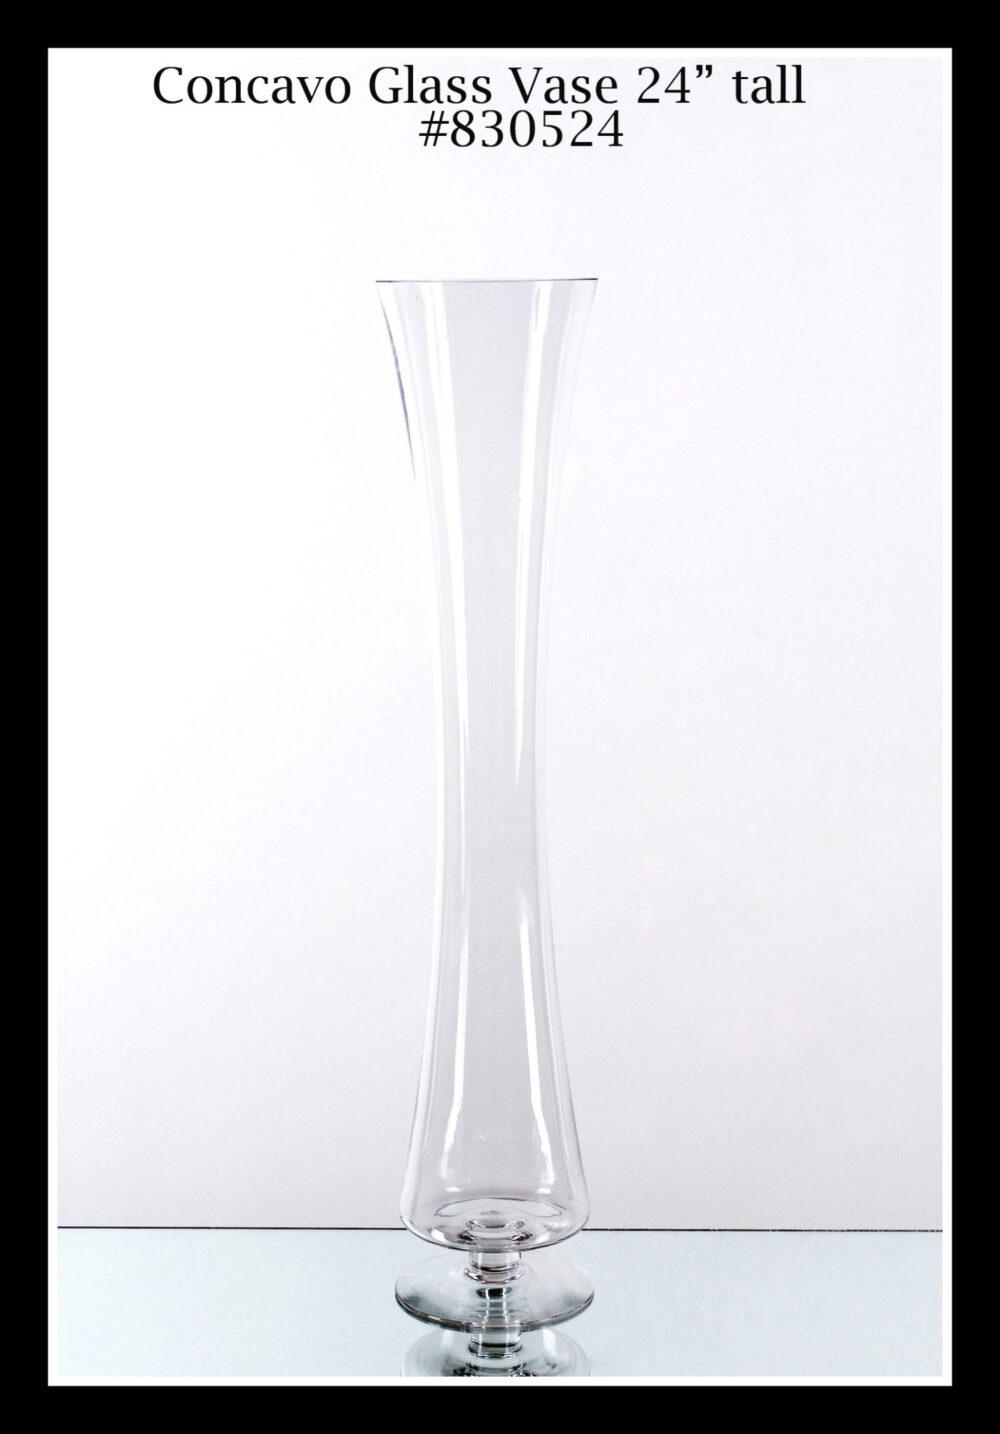 glass vase # 830524